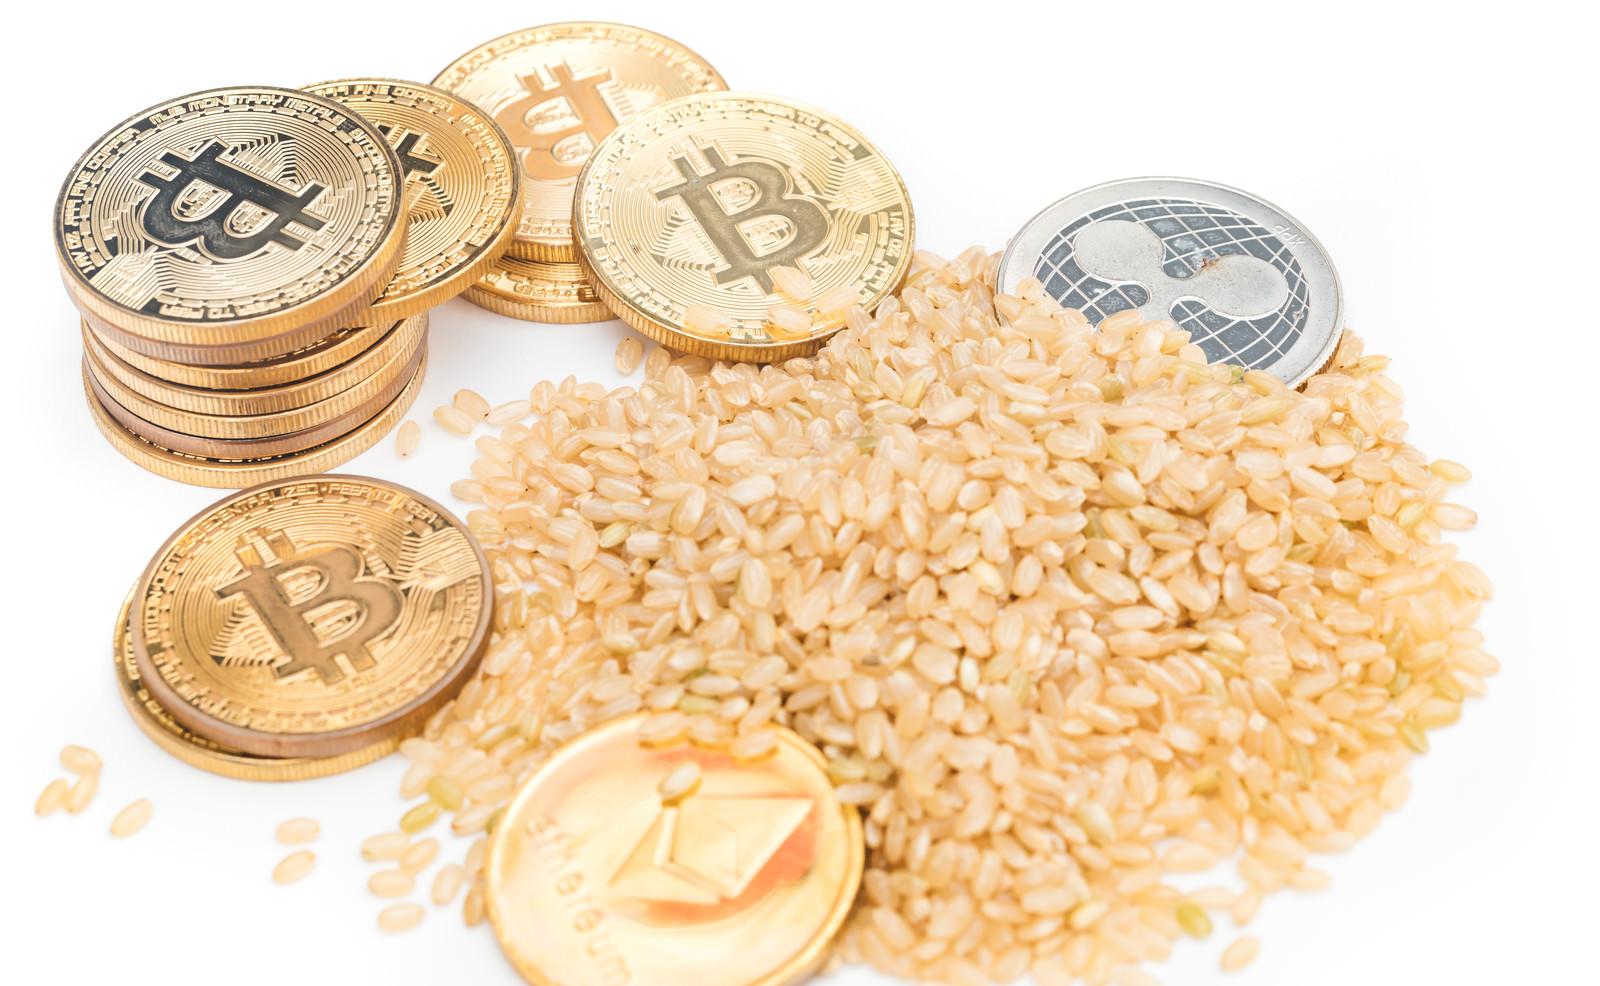 「玄米食べて仮想通貨で億万長者」の写真